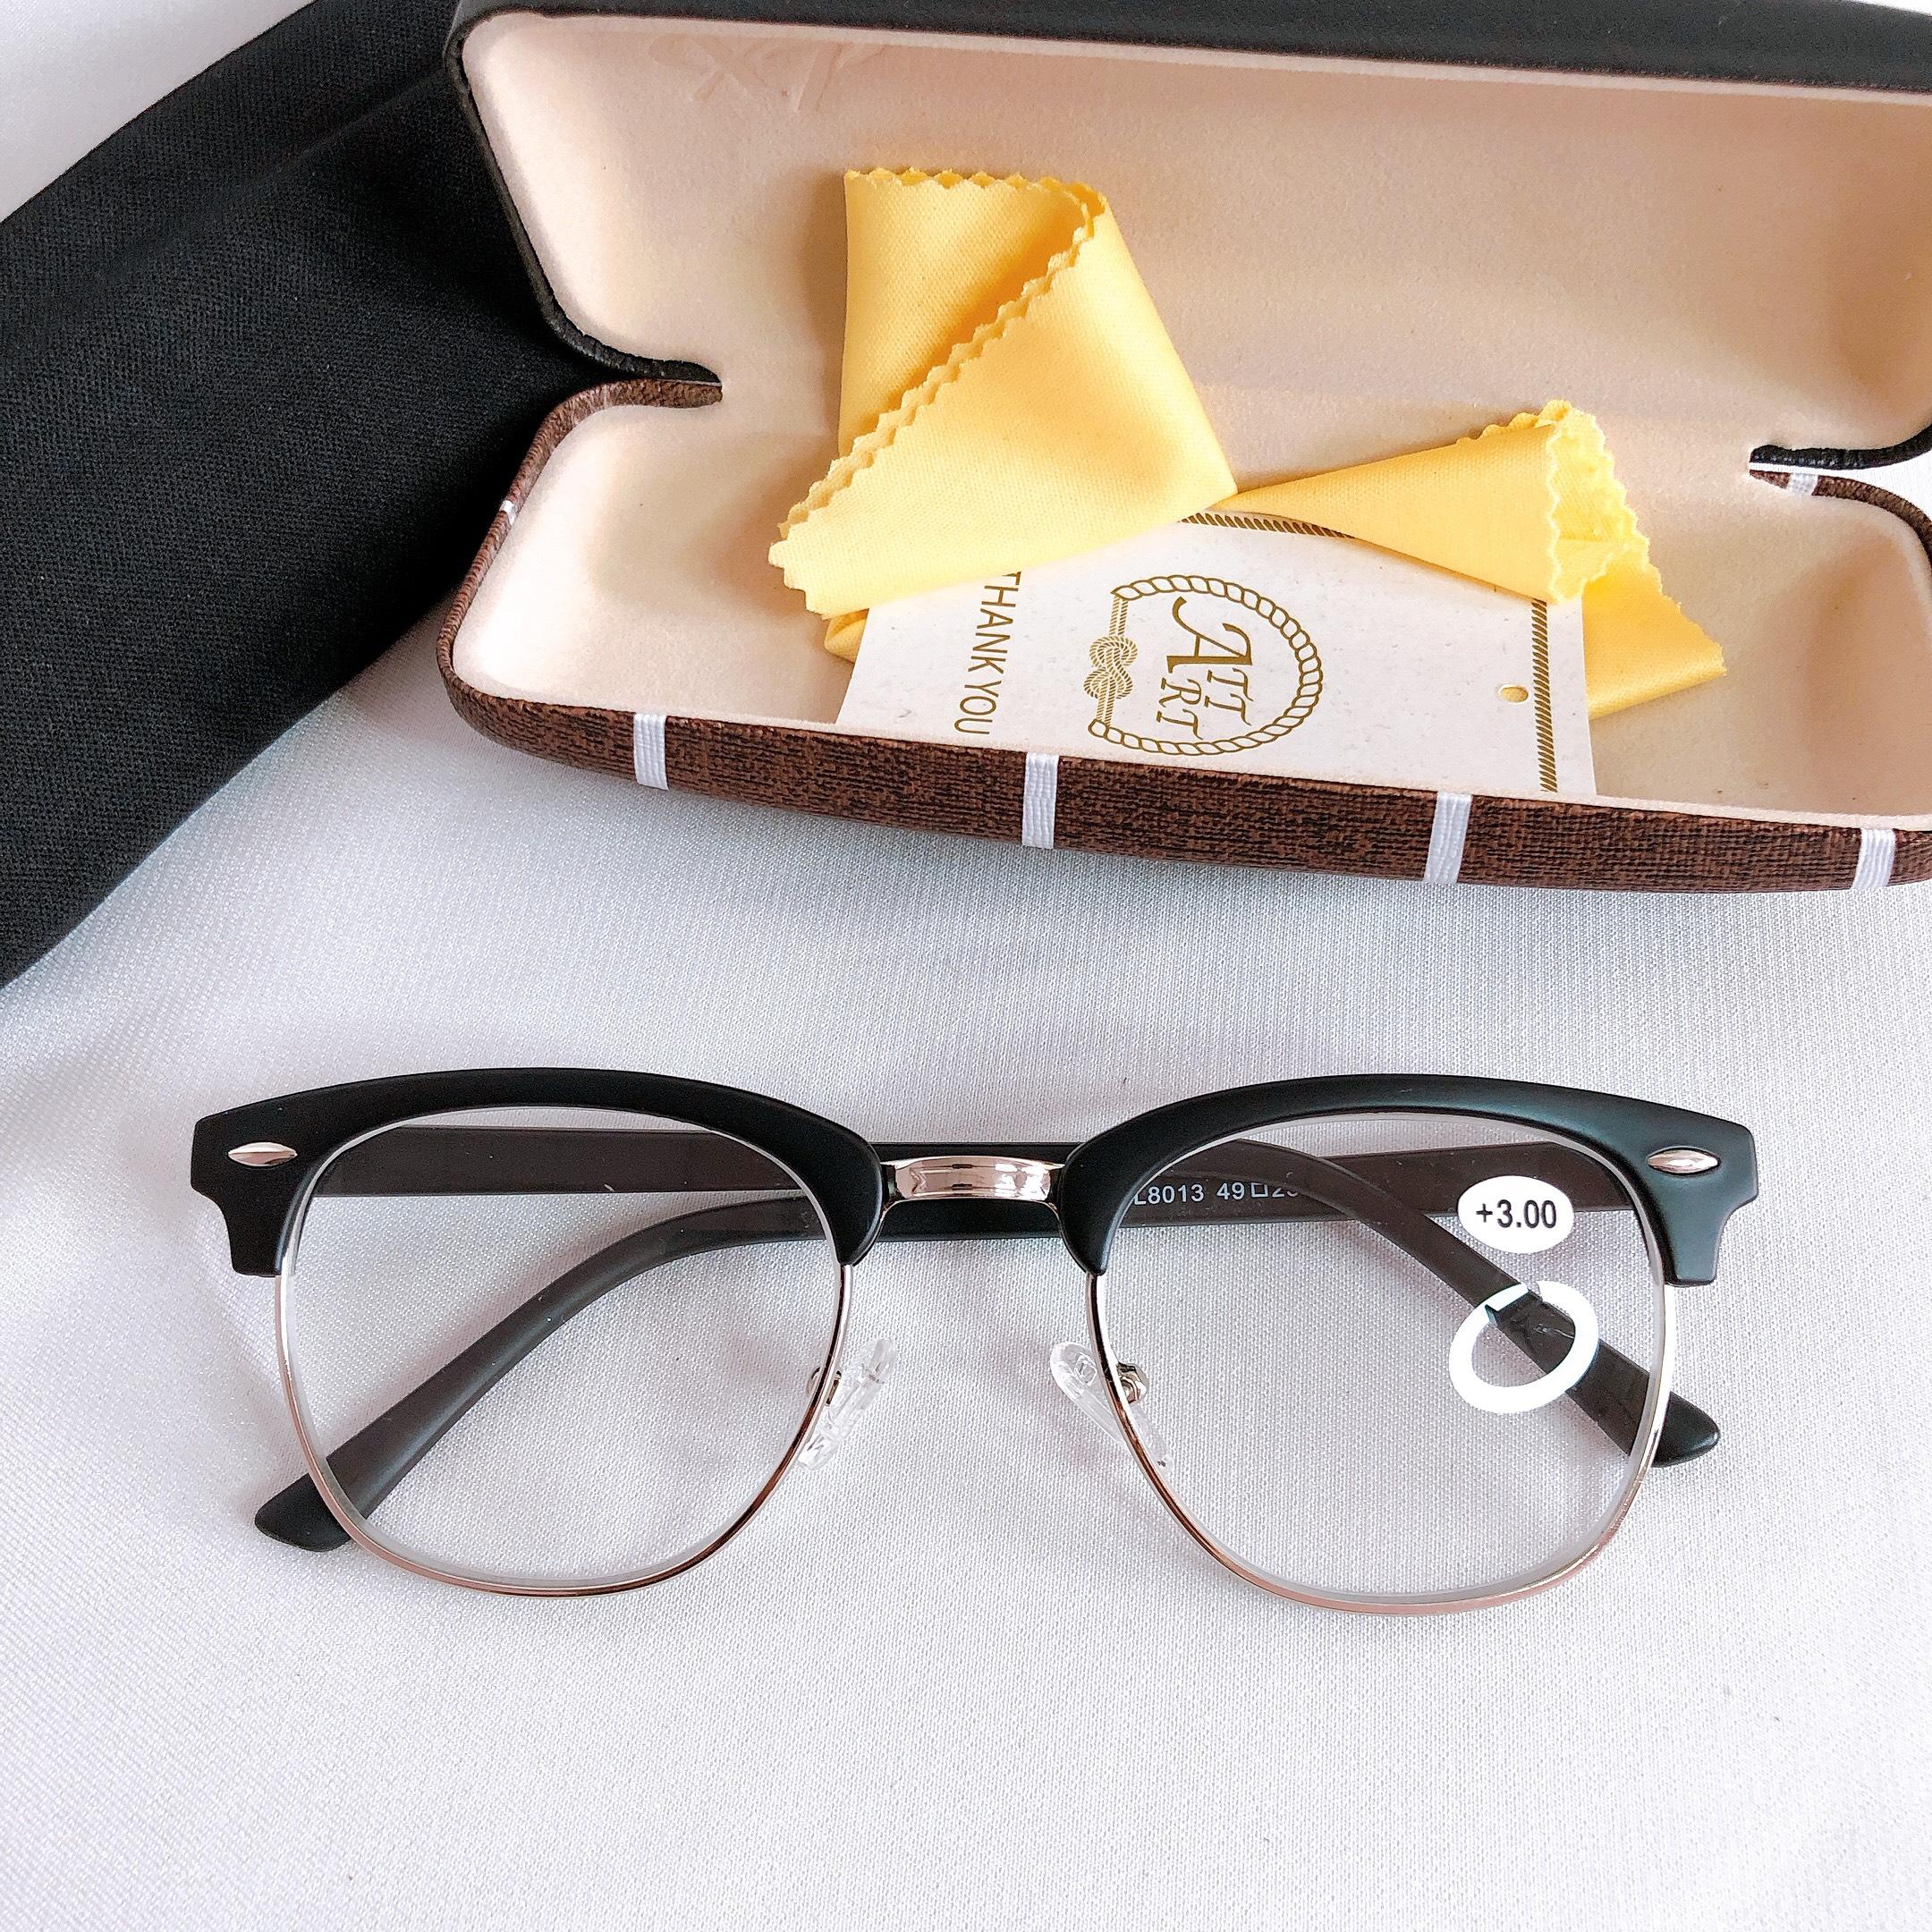 Kính lão thị viễn thị mắt sáng rõ khung tròn to cực trong và rõ chữ KVTO